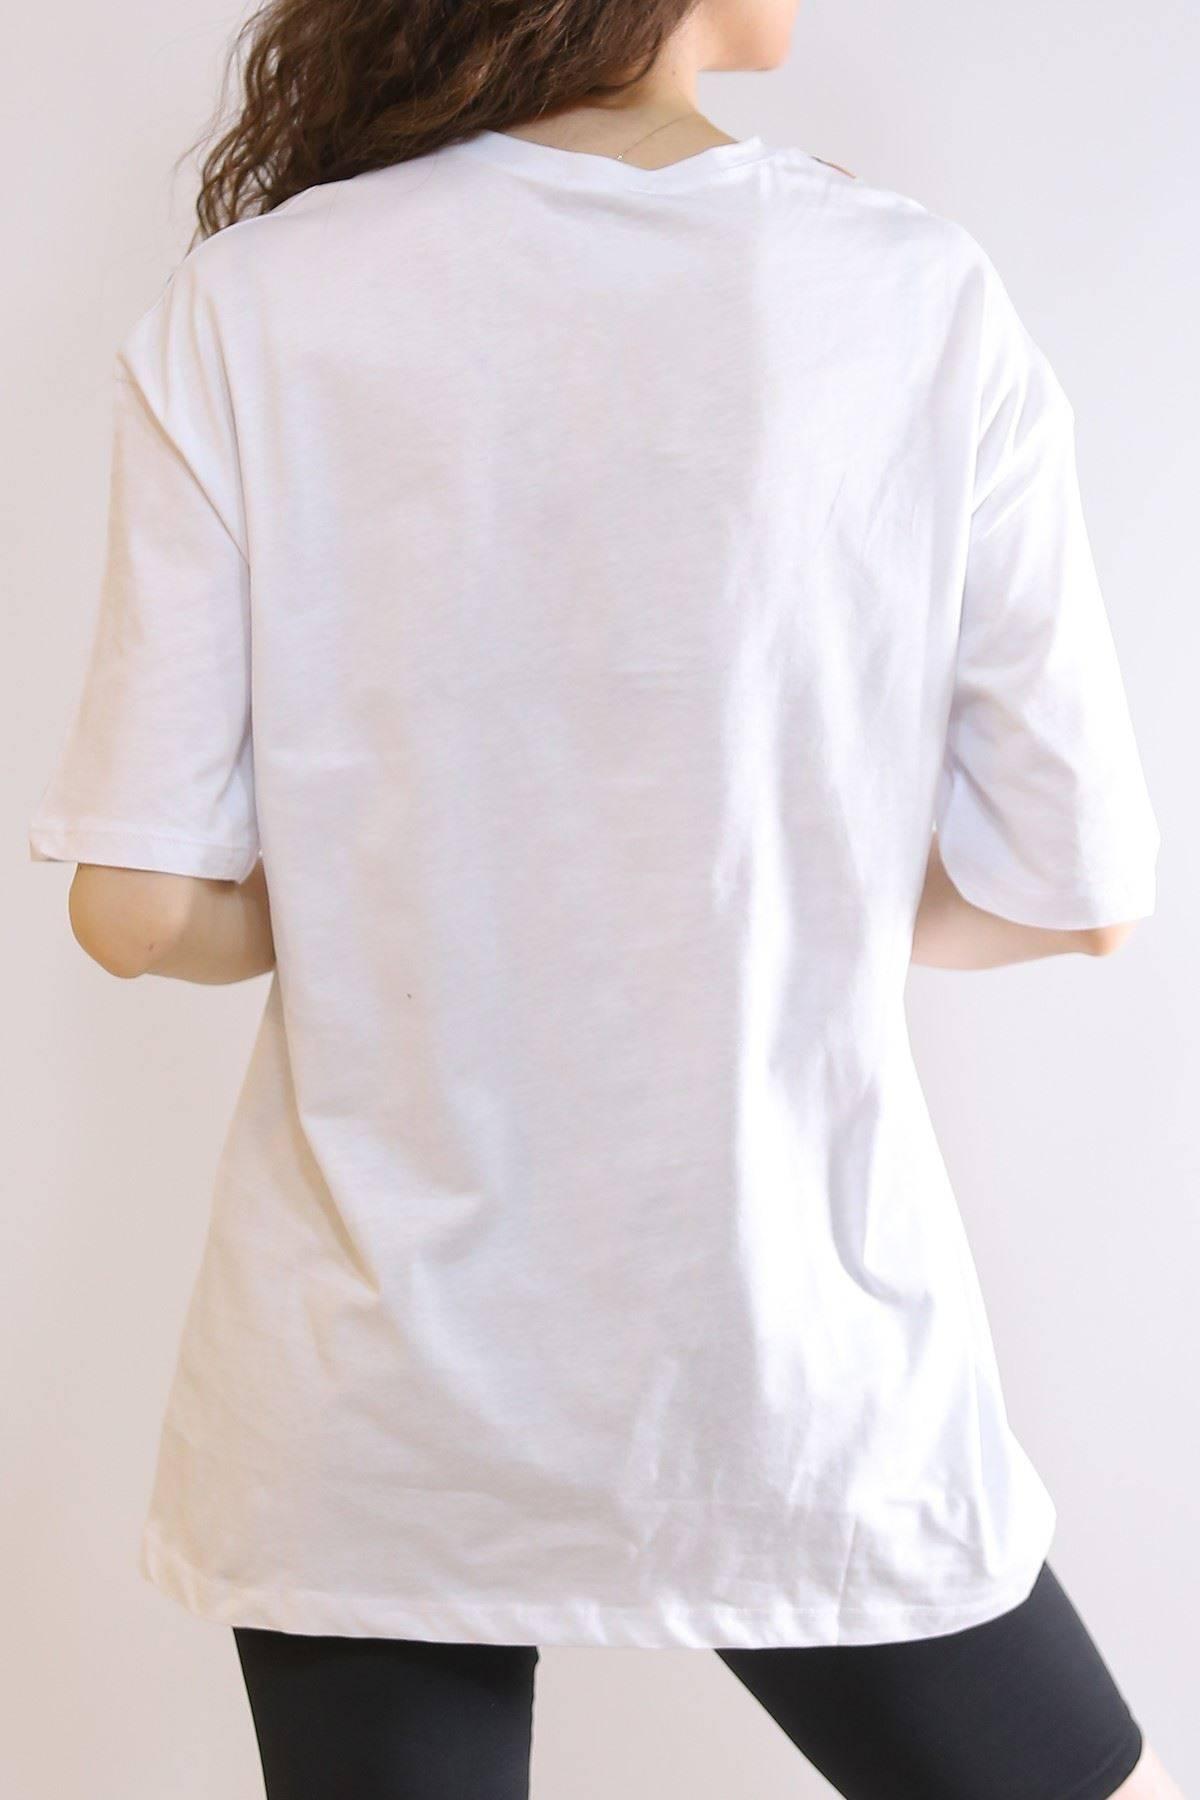 Oversıze Baskılı Tişört Beyaz - 3214.196.